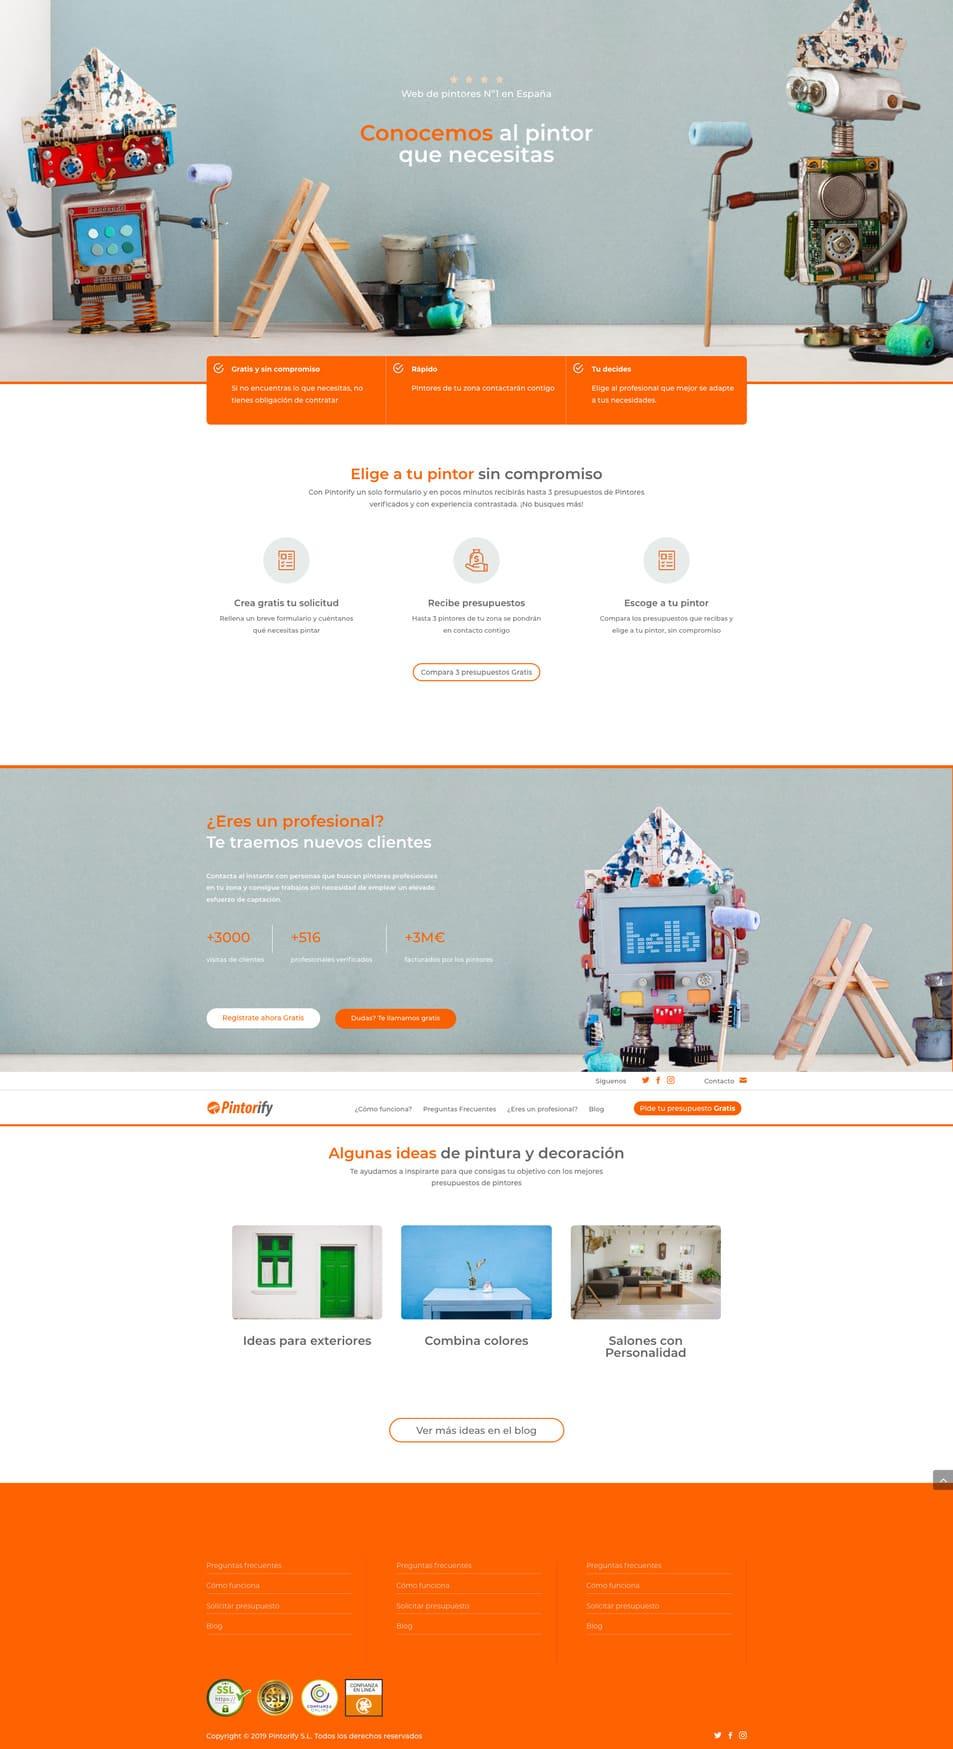 Pintorify.com_Pide_presupuestos_de_pintores_Compara_GRATIS_web_completa_desarrollum_com